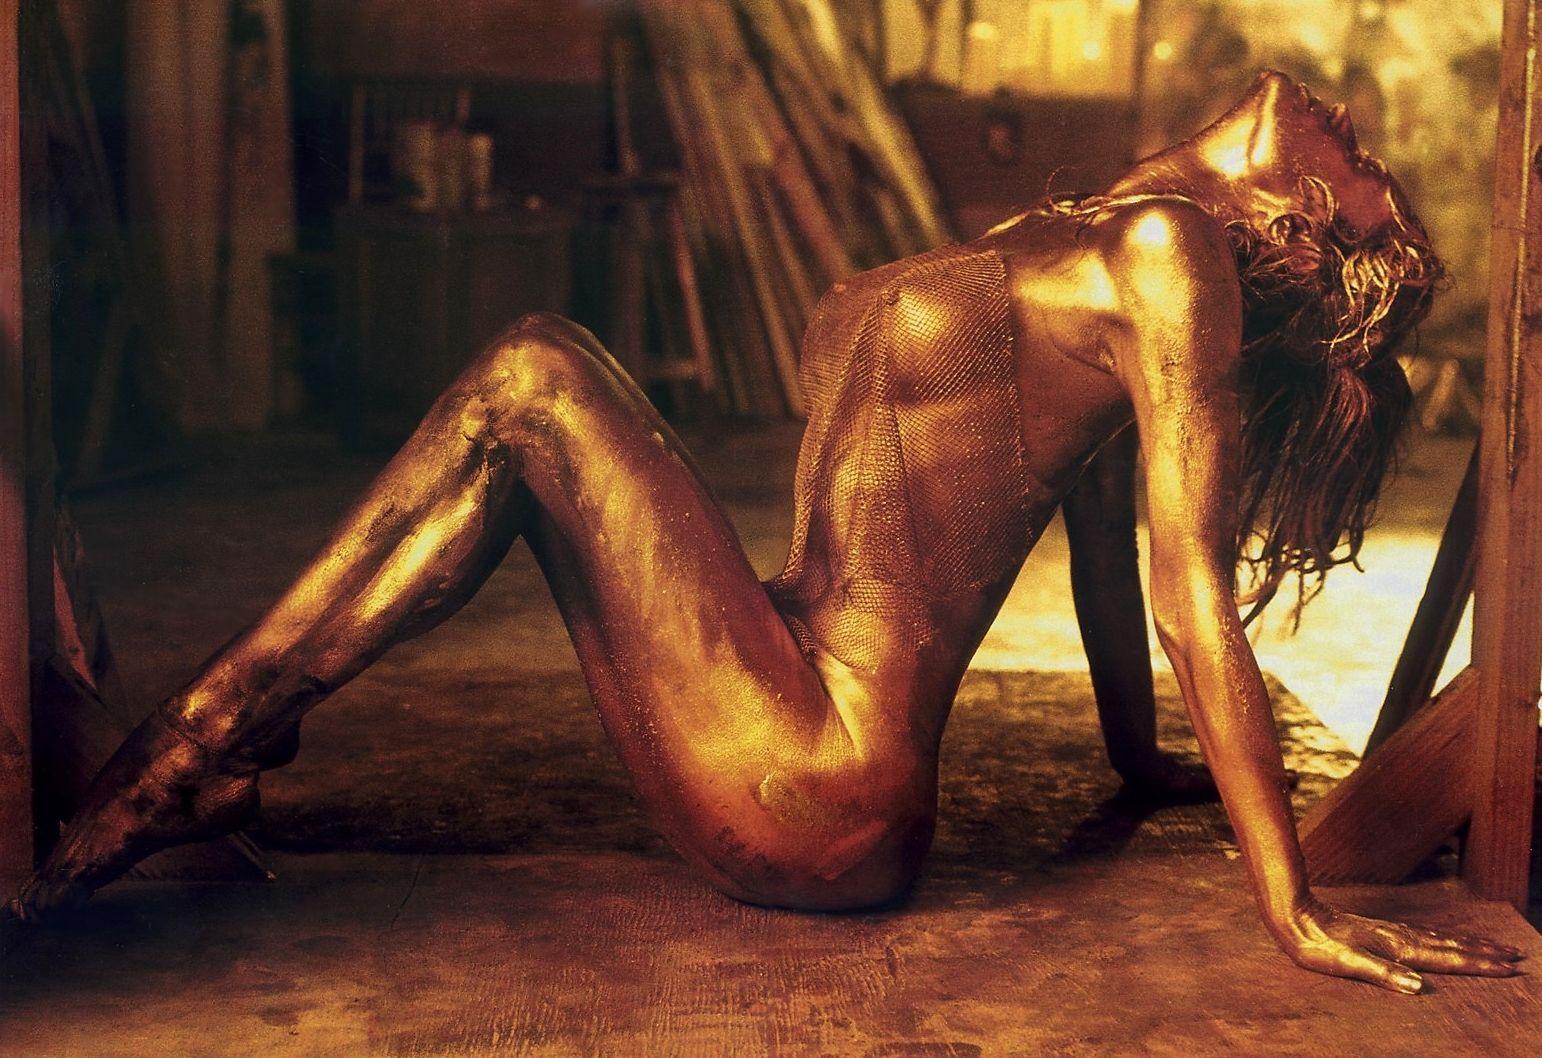 Farrah Fawcett Gold Nude | Farrah Fawcett Nude | Gilded Gold ...